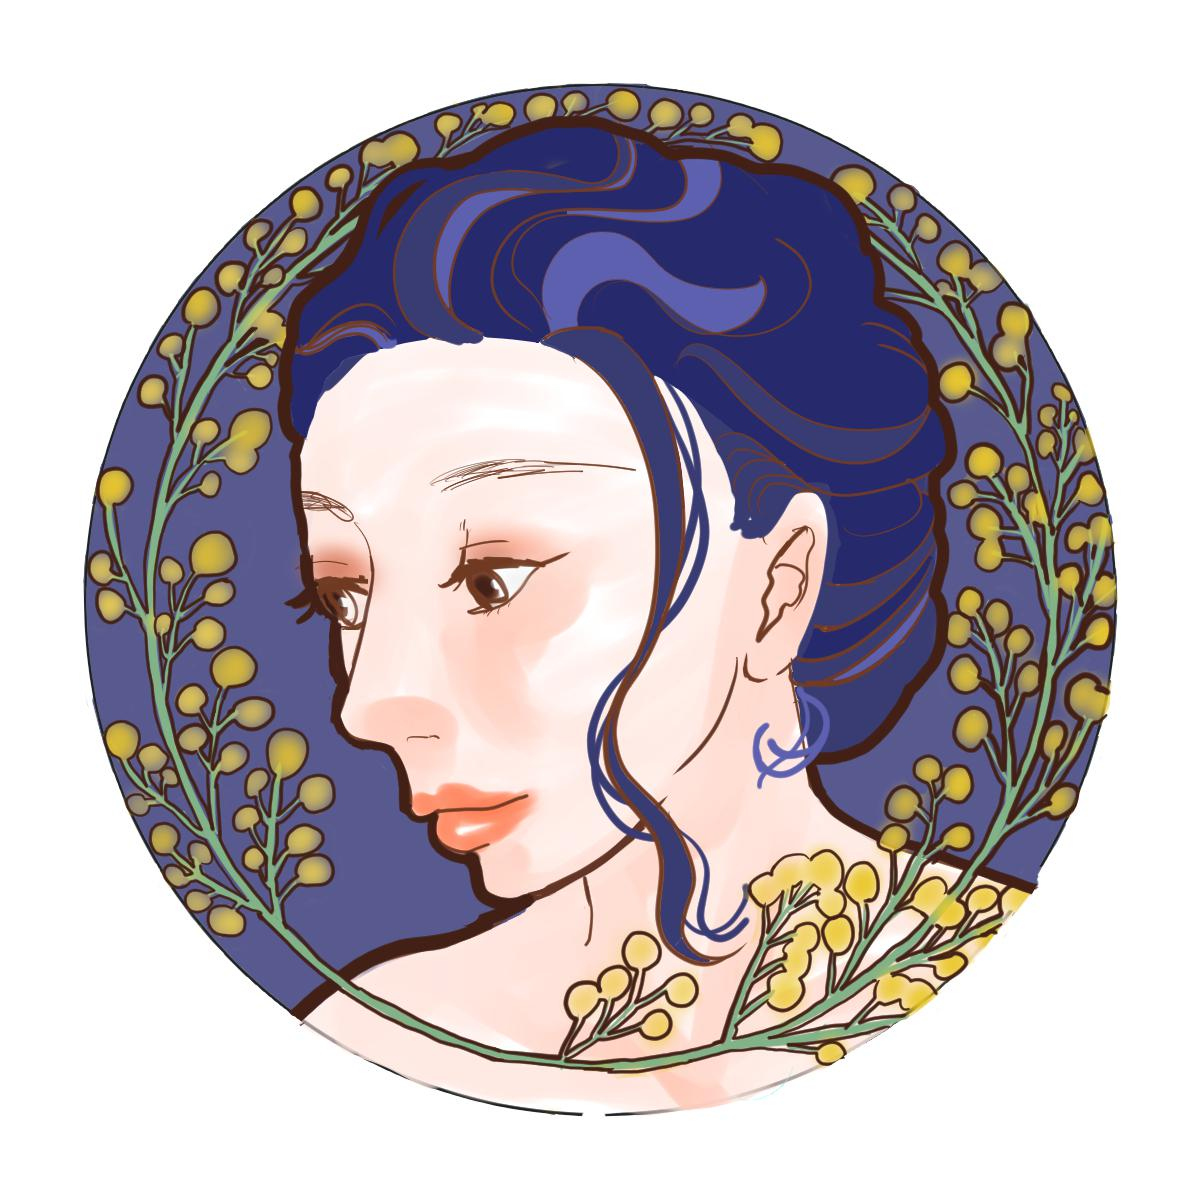 あなただけのミュシャ風アイコン描きます あなたのお好きな花,色を取り入れたミュシャ風のアイコン。